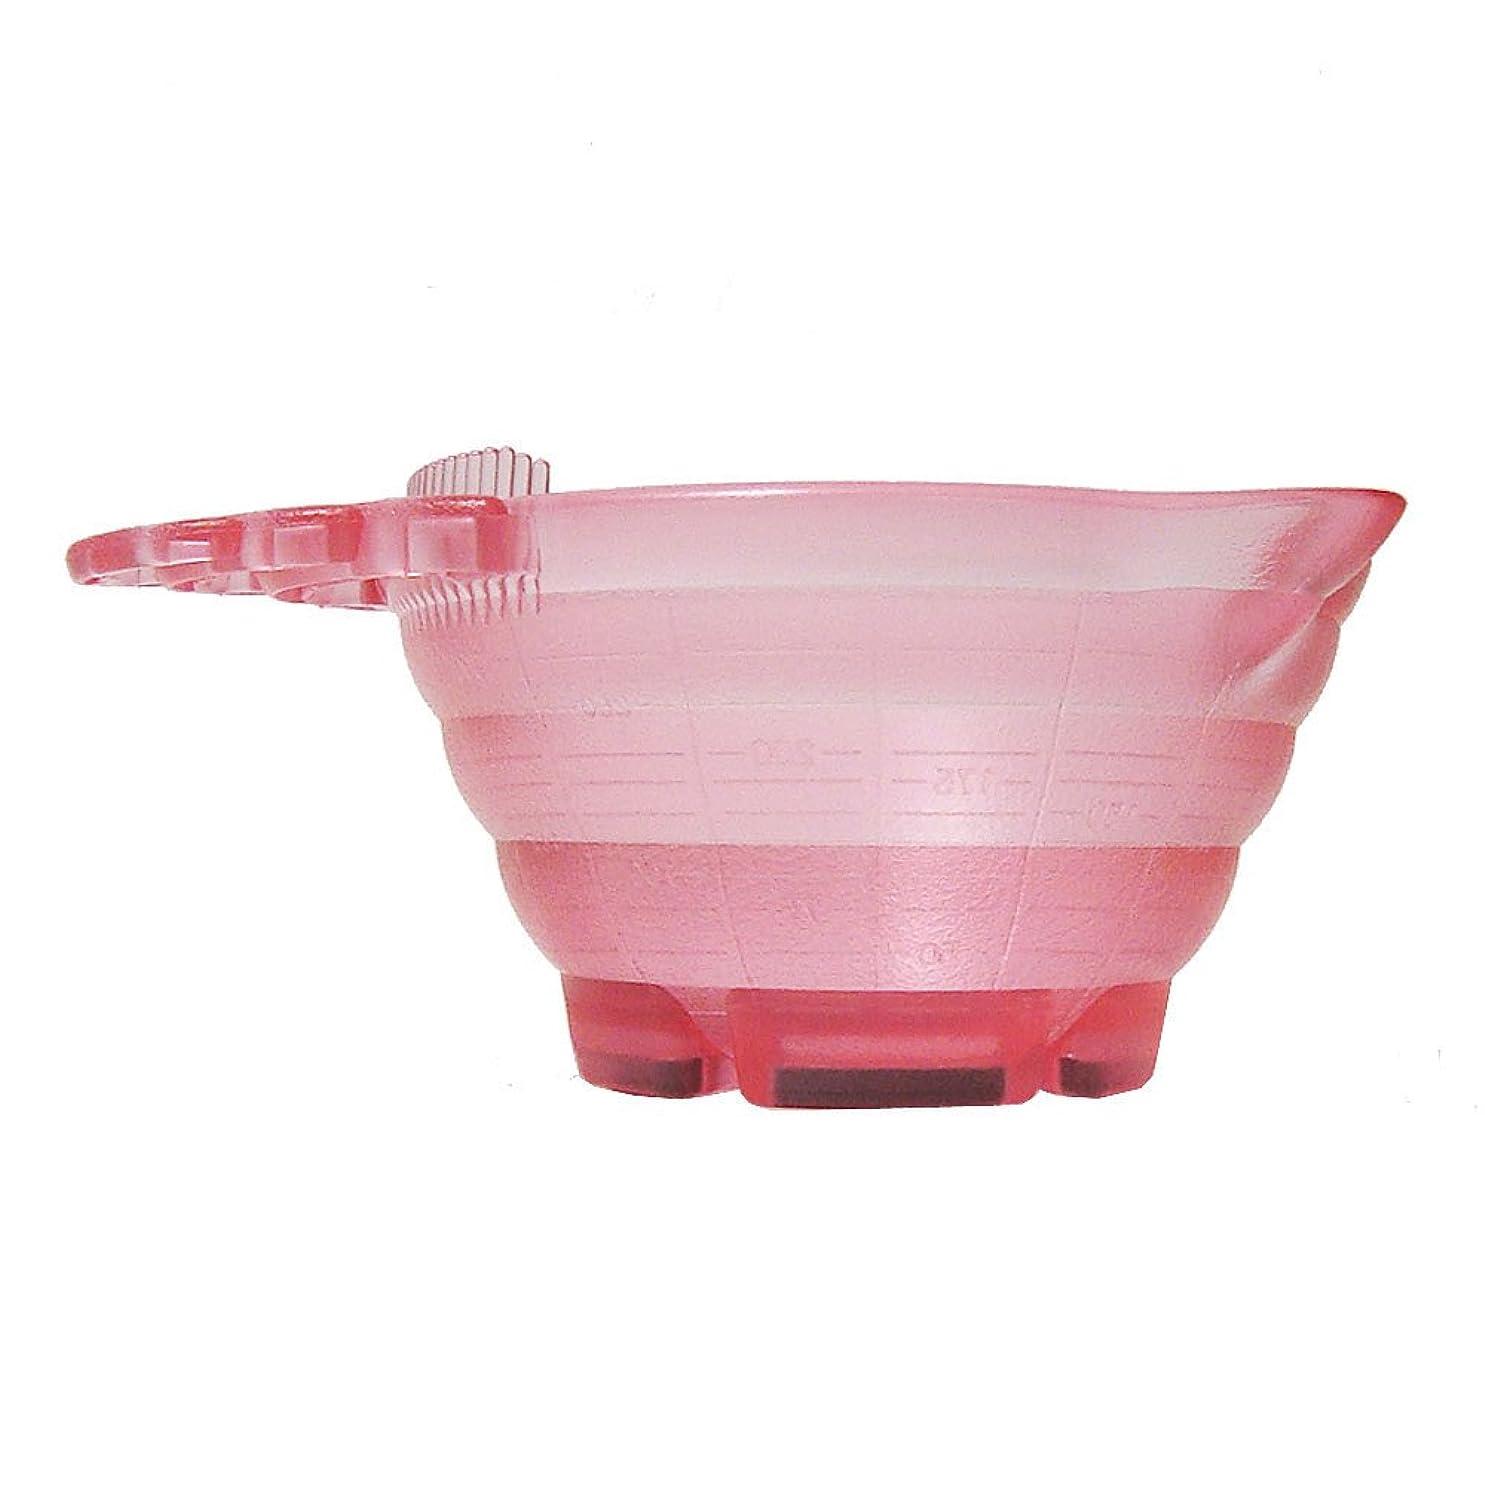 器用侵入する原子Y.S.PARK プロ ティントボール カラーカップ ピンク